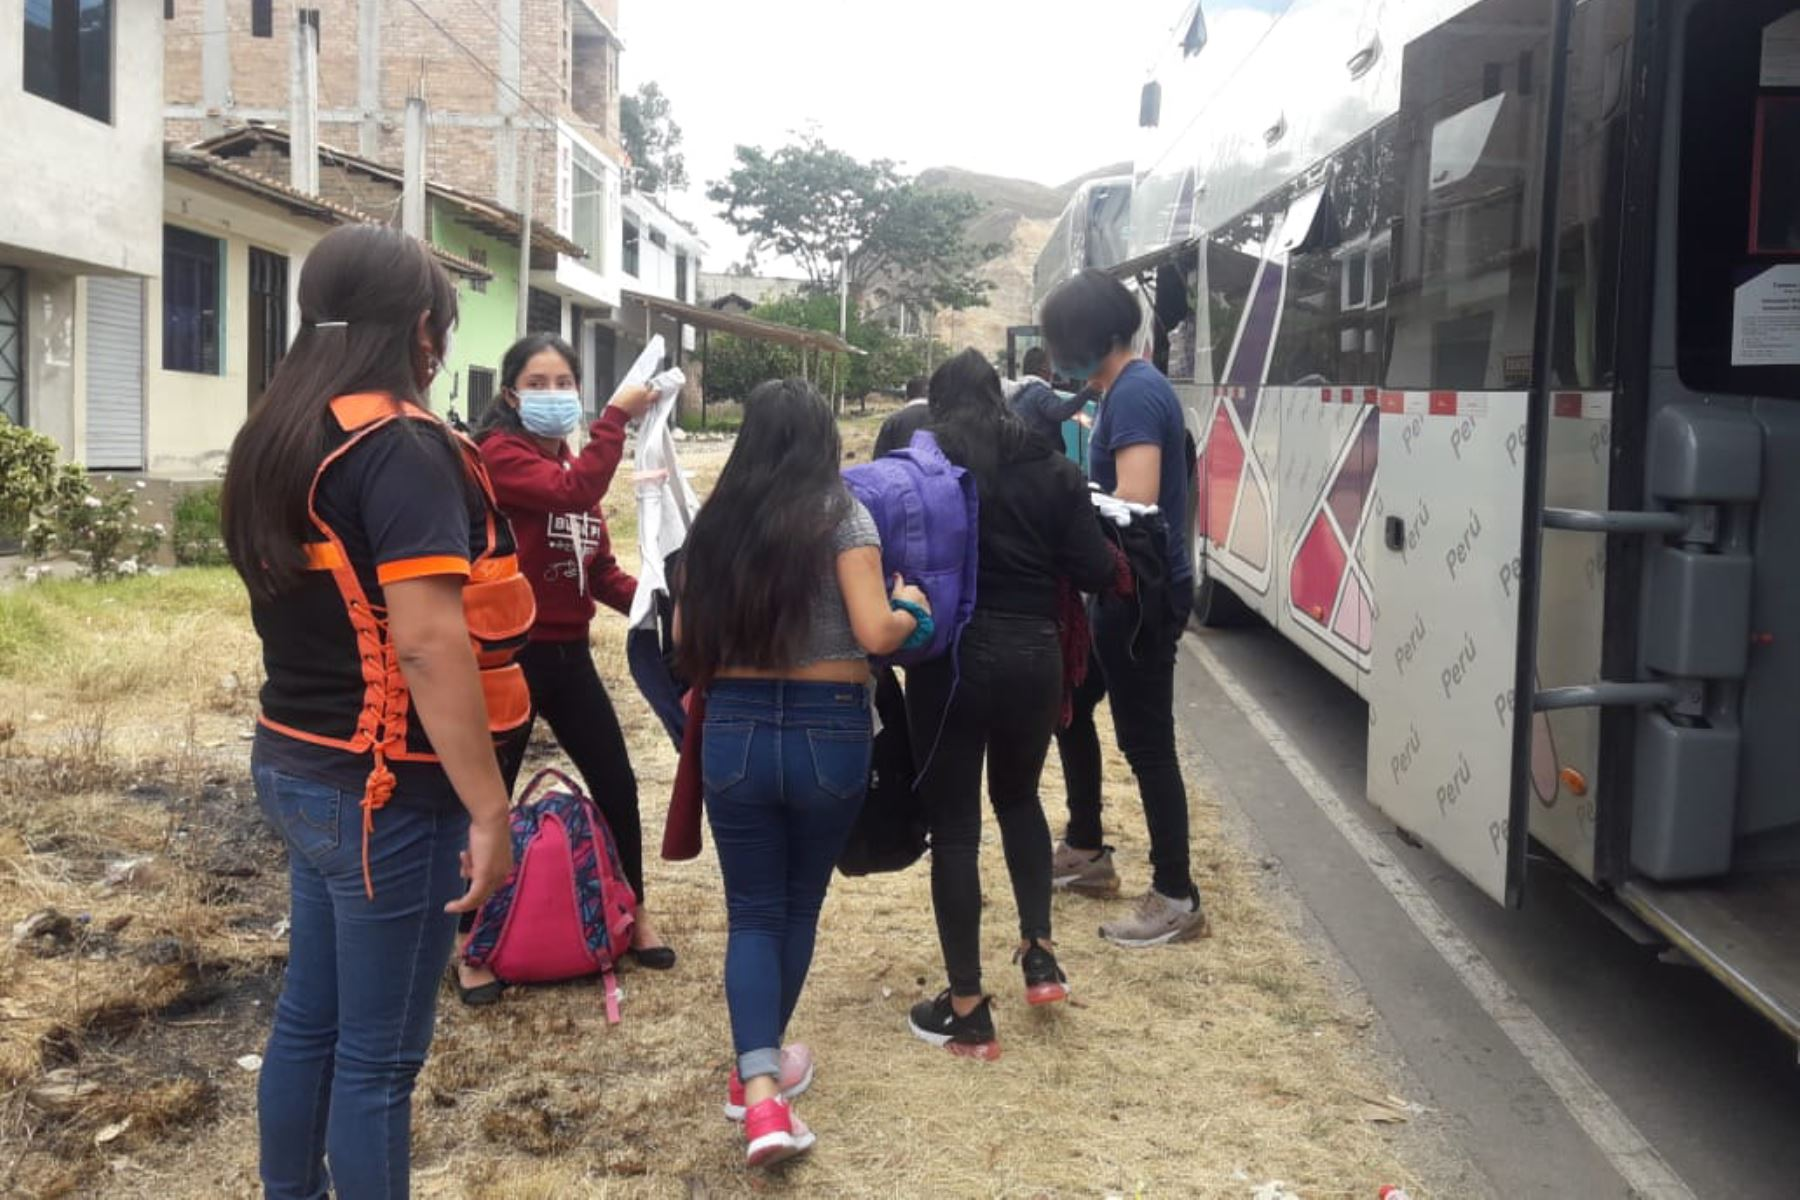 Alrededor de 66 connacionales llegaron a Cajamarca desde Lima en el marco de los traslados humanitarios dispuestos por PCM. Se realizaron los protocolos de bioseguridad. Foto: ANDINA/Indeci